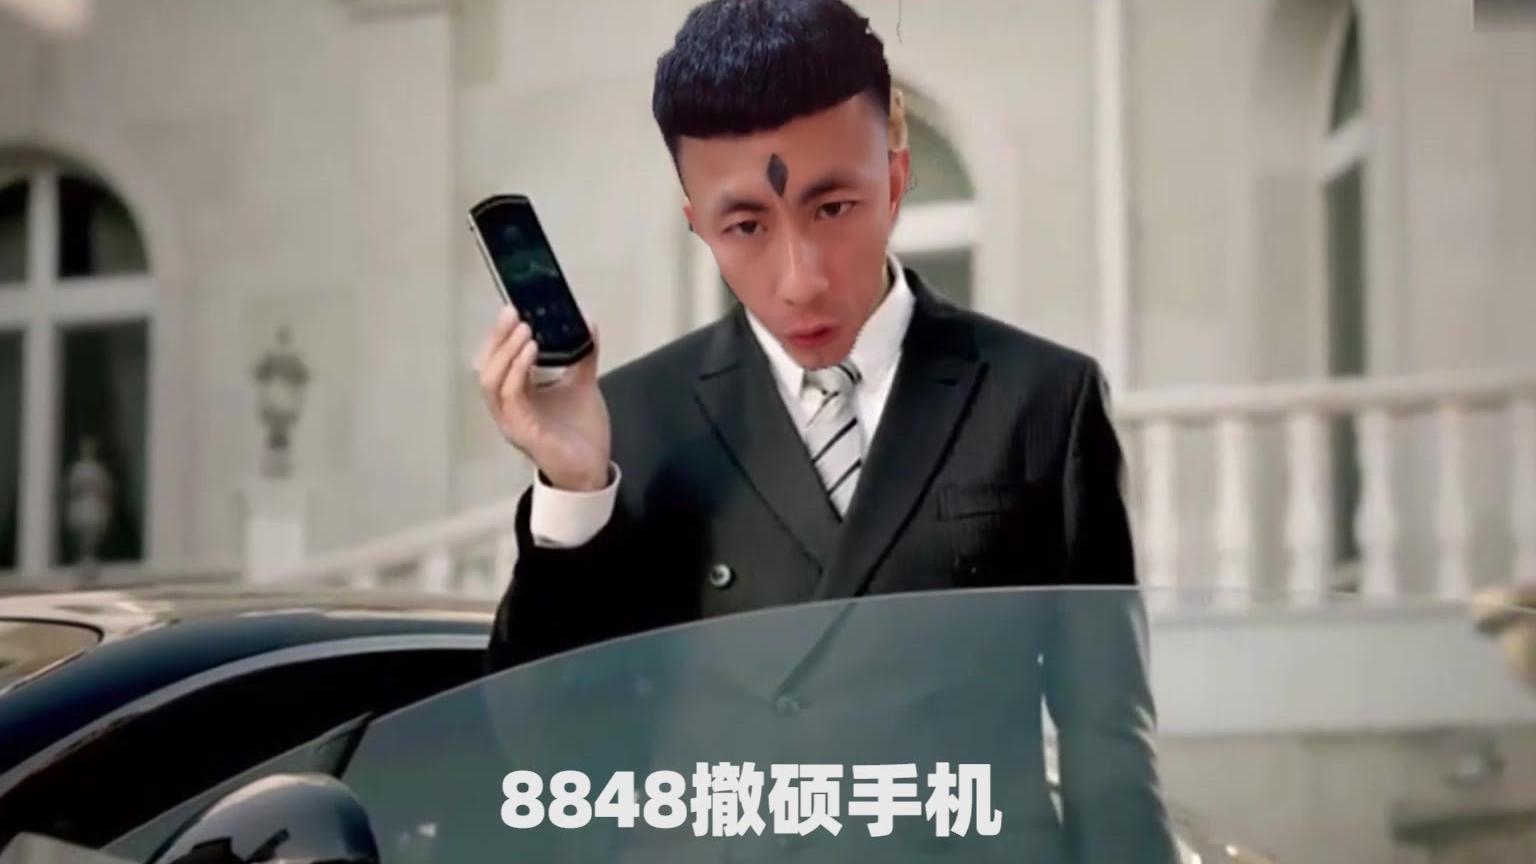 8848 撤硕手机 老八带你走进成功人生